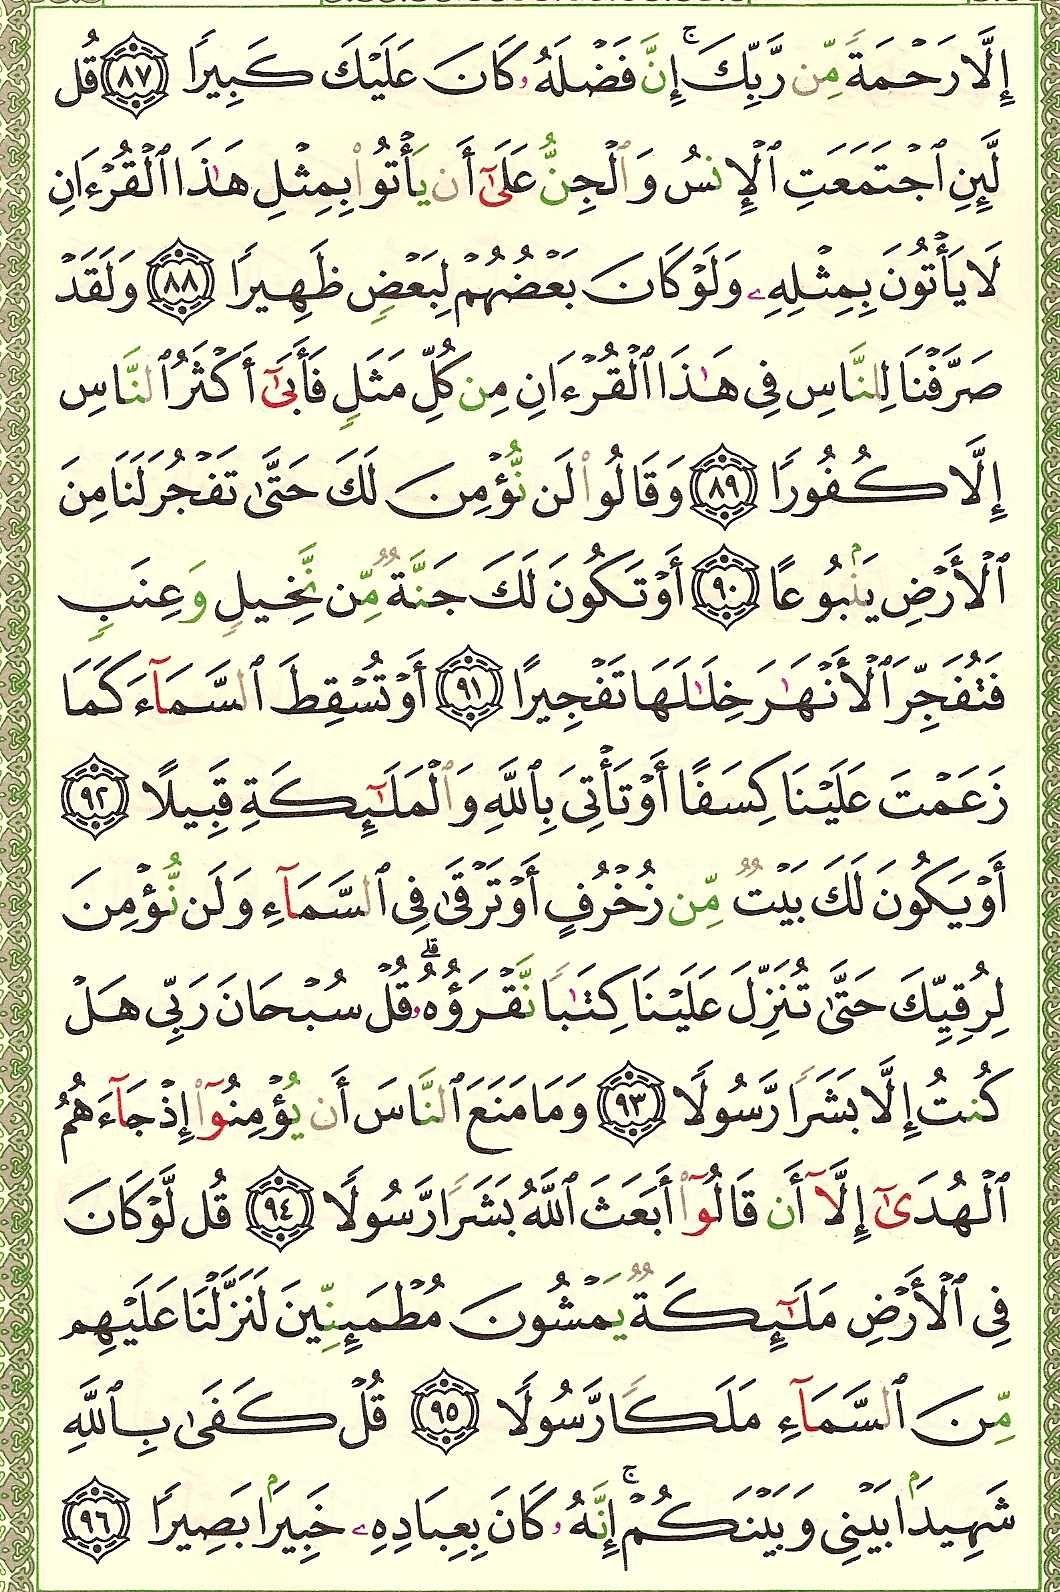 سلسلة دراسات قرآنية - سورة الاسراء - التوحيد والتقدم